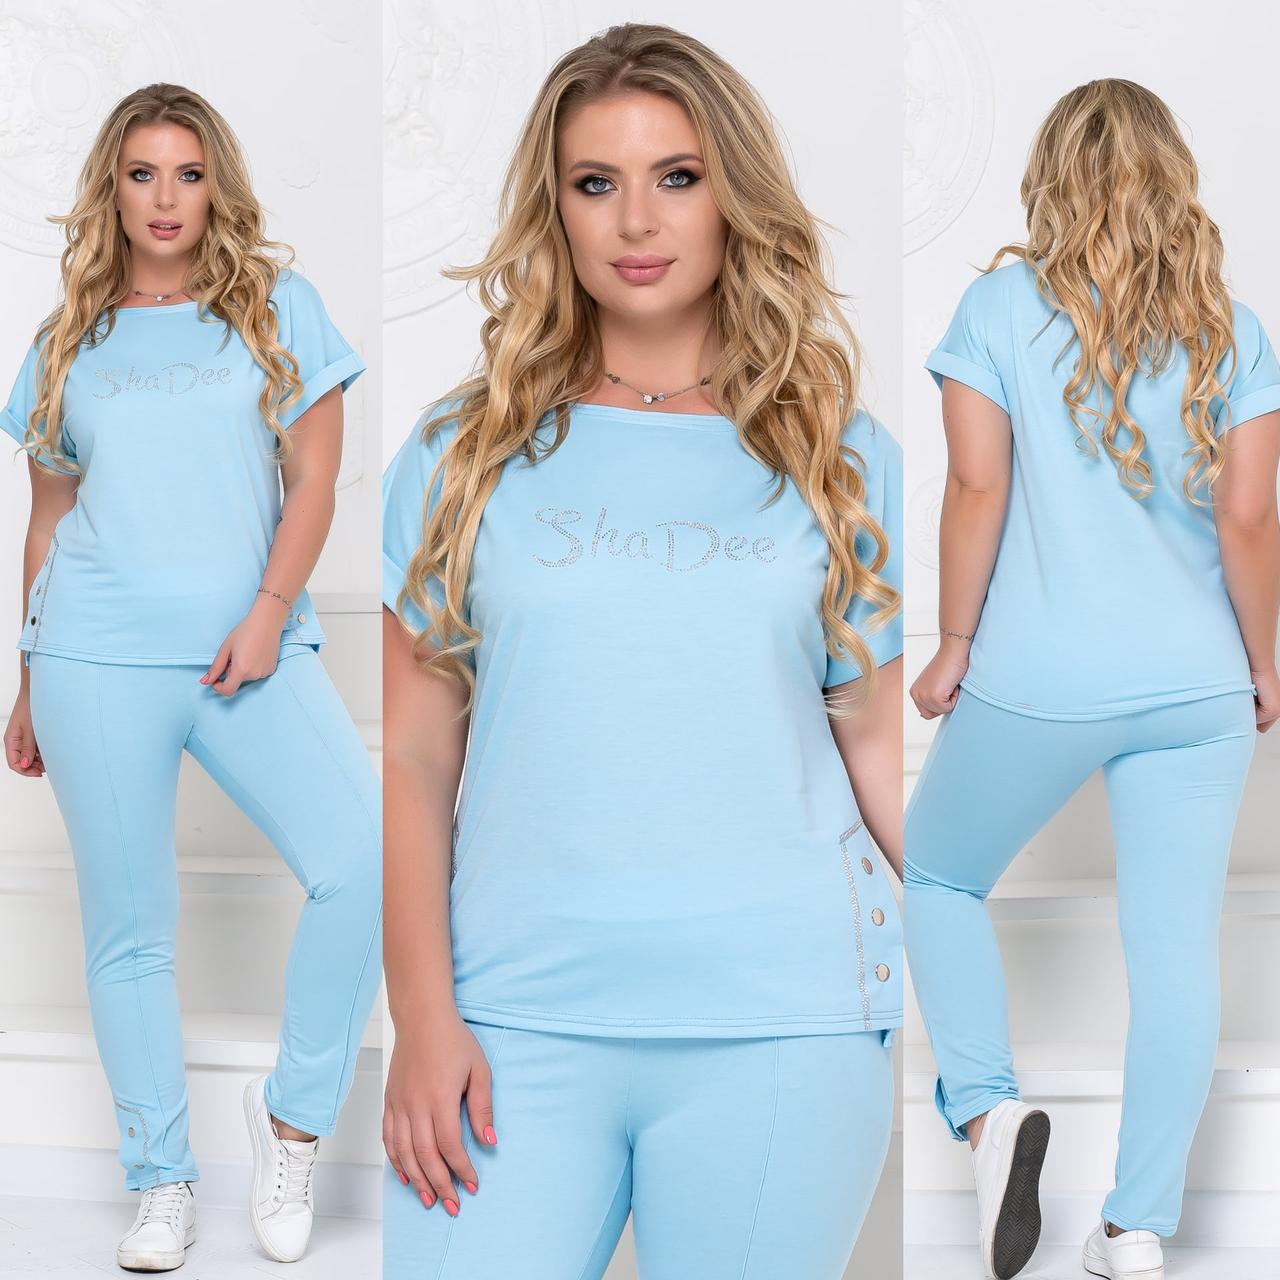 Летний спортивный костюм женский Турецкая двунитка Размер 48 50 52 54 56 58 60 62 В наличии 4 цвета - фото 2